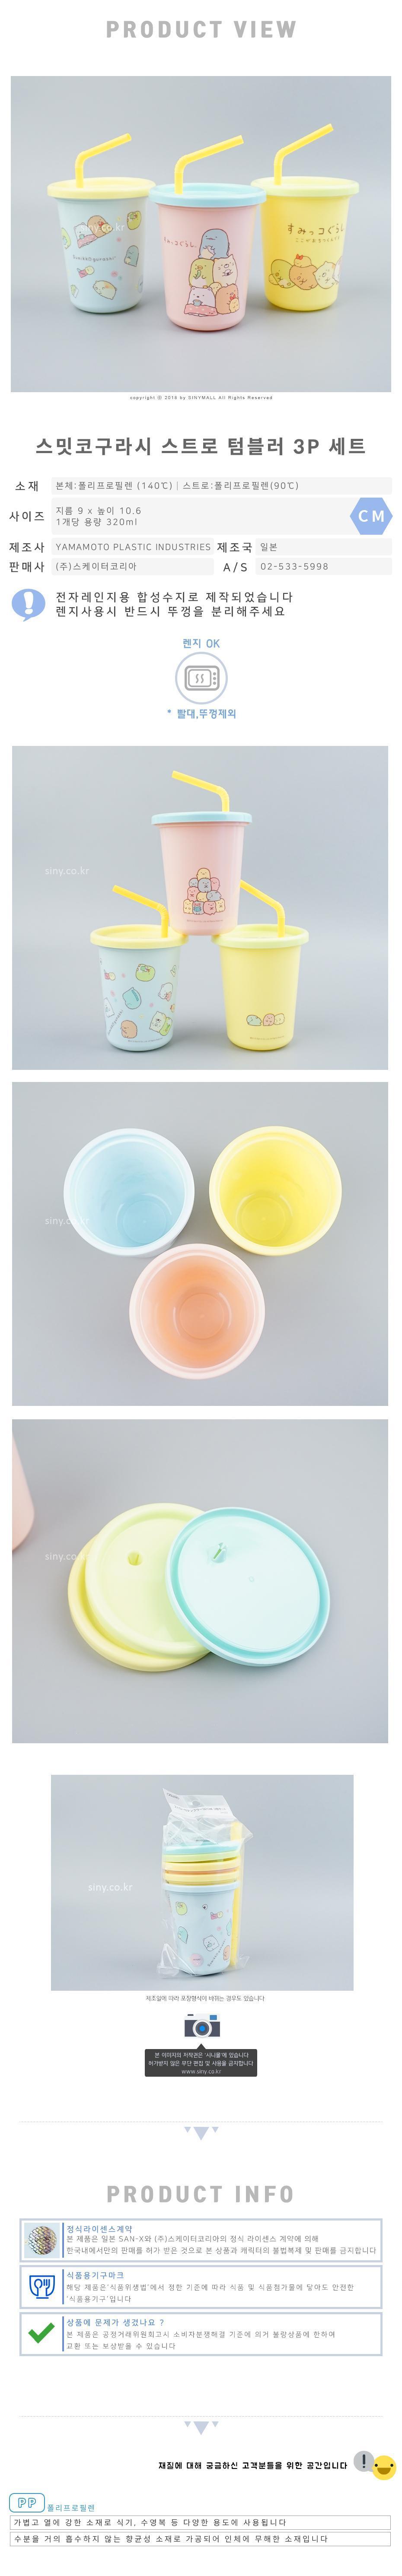 스밋코구라시 스트로 텀블러 3P 세트 320ml (빨대컵)(일)(415531) 물병빨대 유아텀블러 아동빨대컵 빨대보틀 캐릭터물통 키즈물병 아동물통 캐릭터물병 애기빨대컵 유아용텀블러